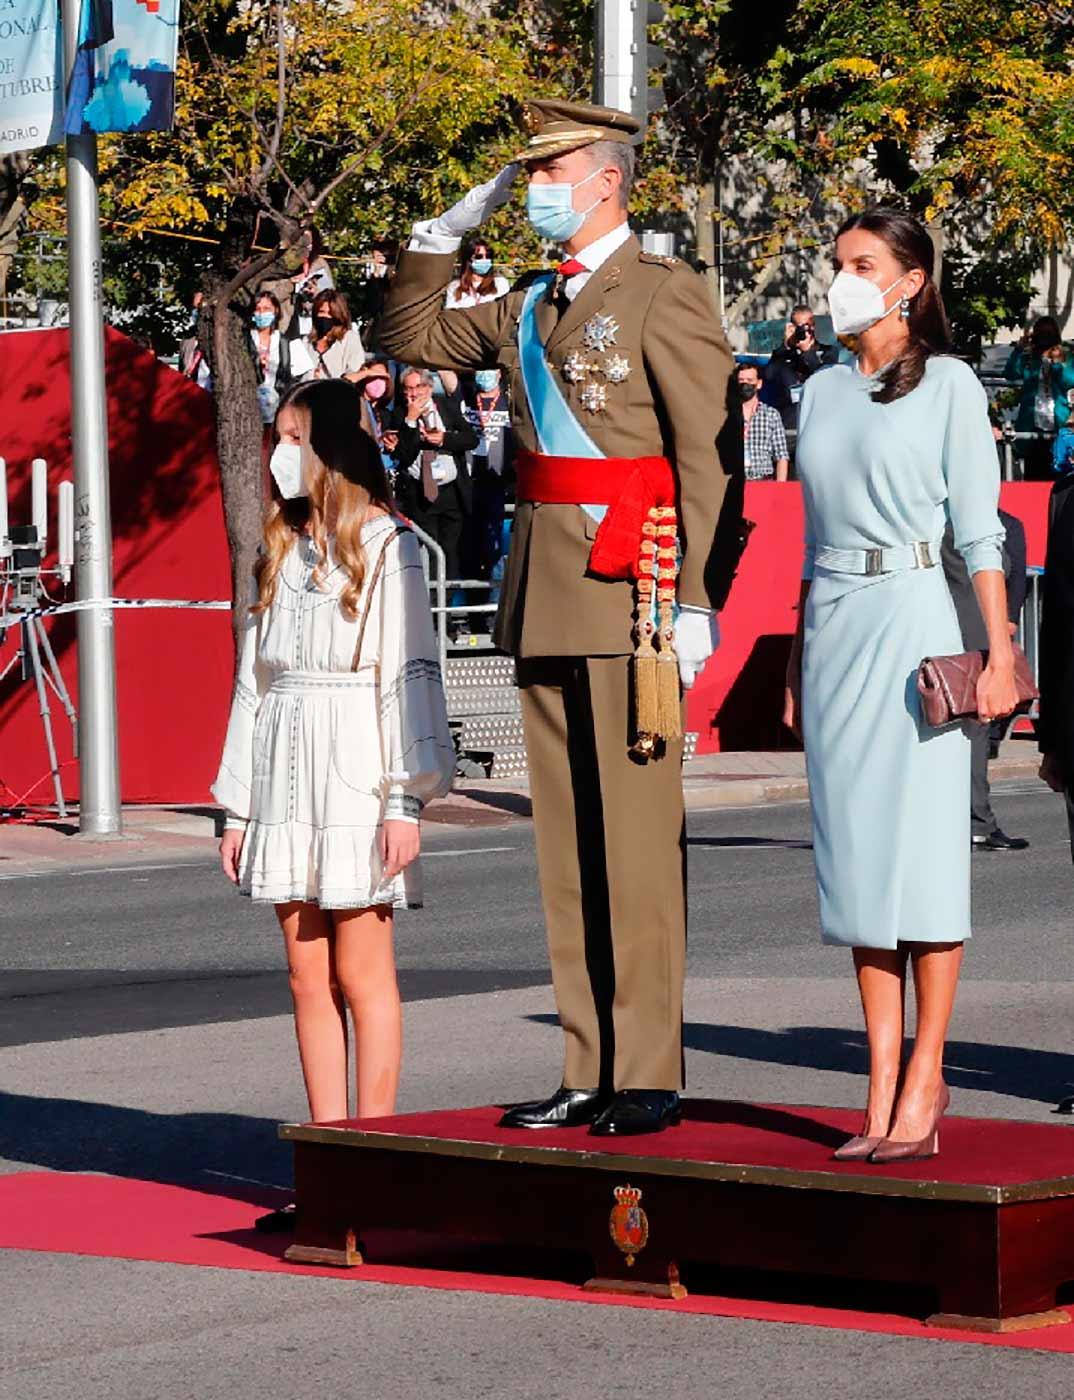 Reyes Felipe y Letizia con la infanta Sofía - Día de la Hispanidad © Casa Real S.M. El Rey